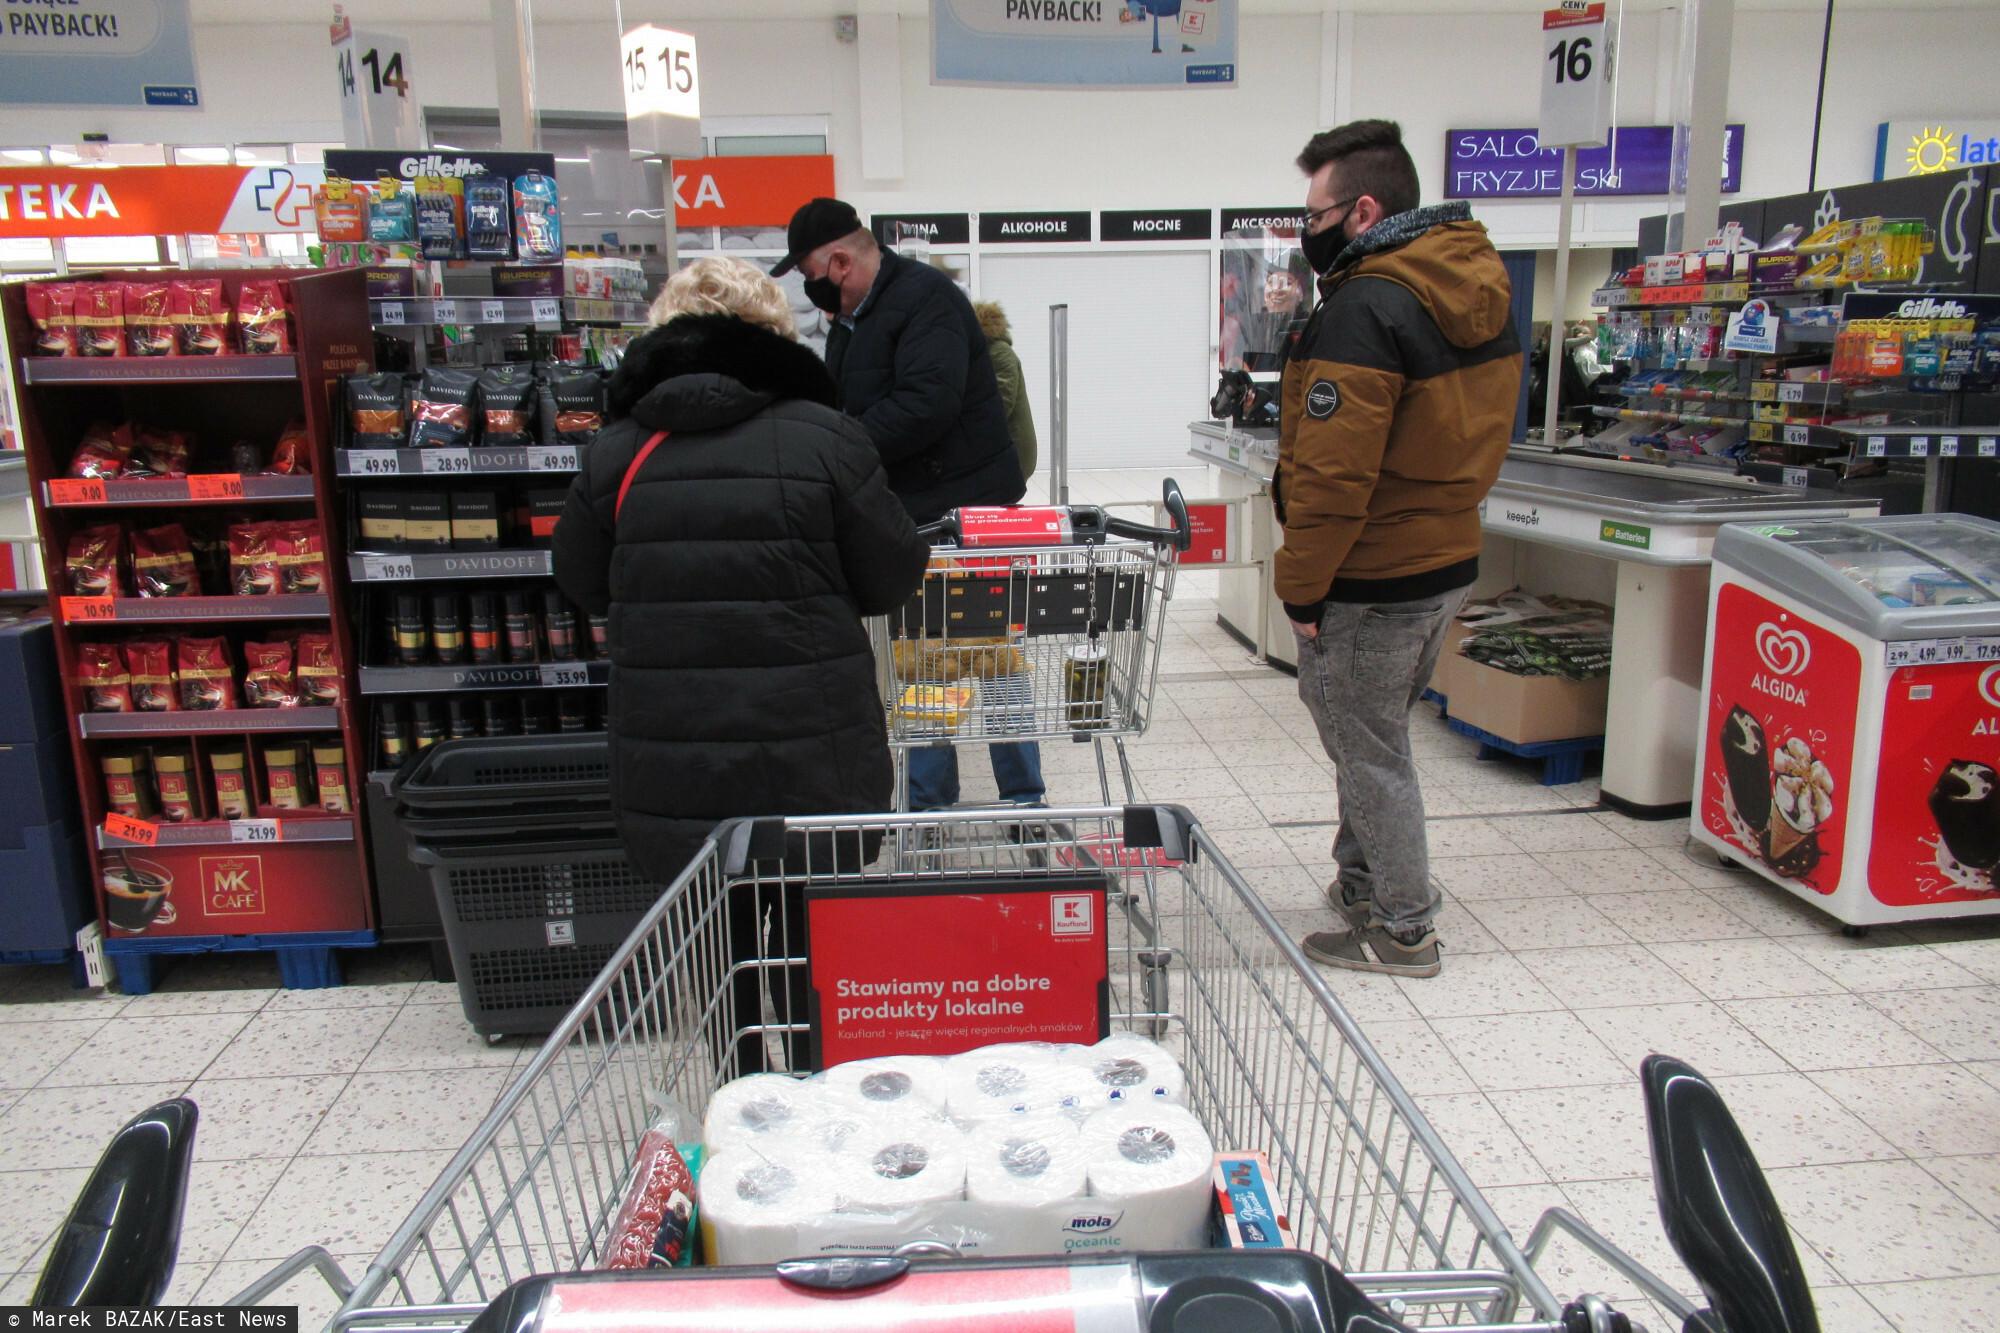 PHOTO: ZOFIA I MAREK BAZAK / EAST NEWS Warszawa N/Z Zakupy w hipermarkecie Kaufland - kolejka do kasy